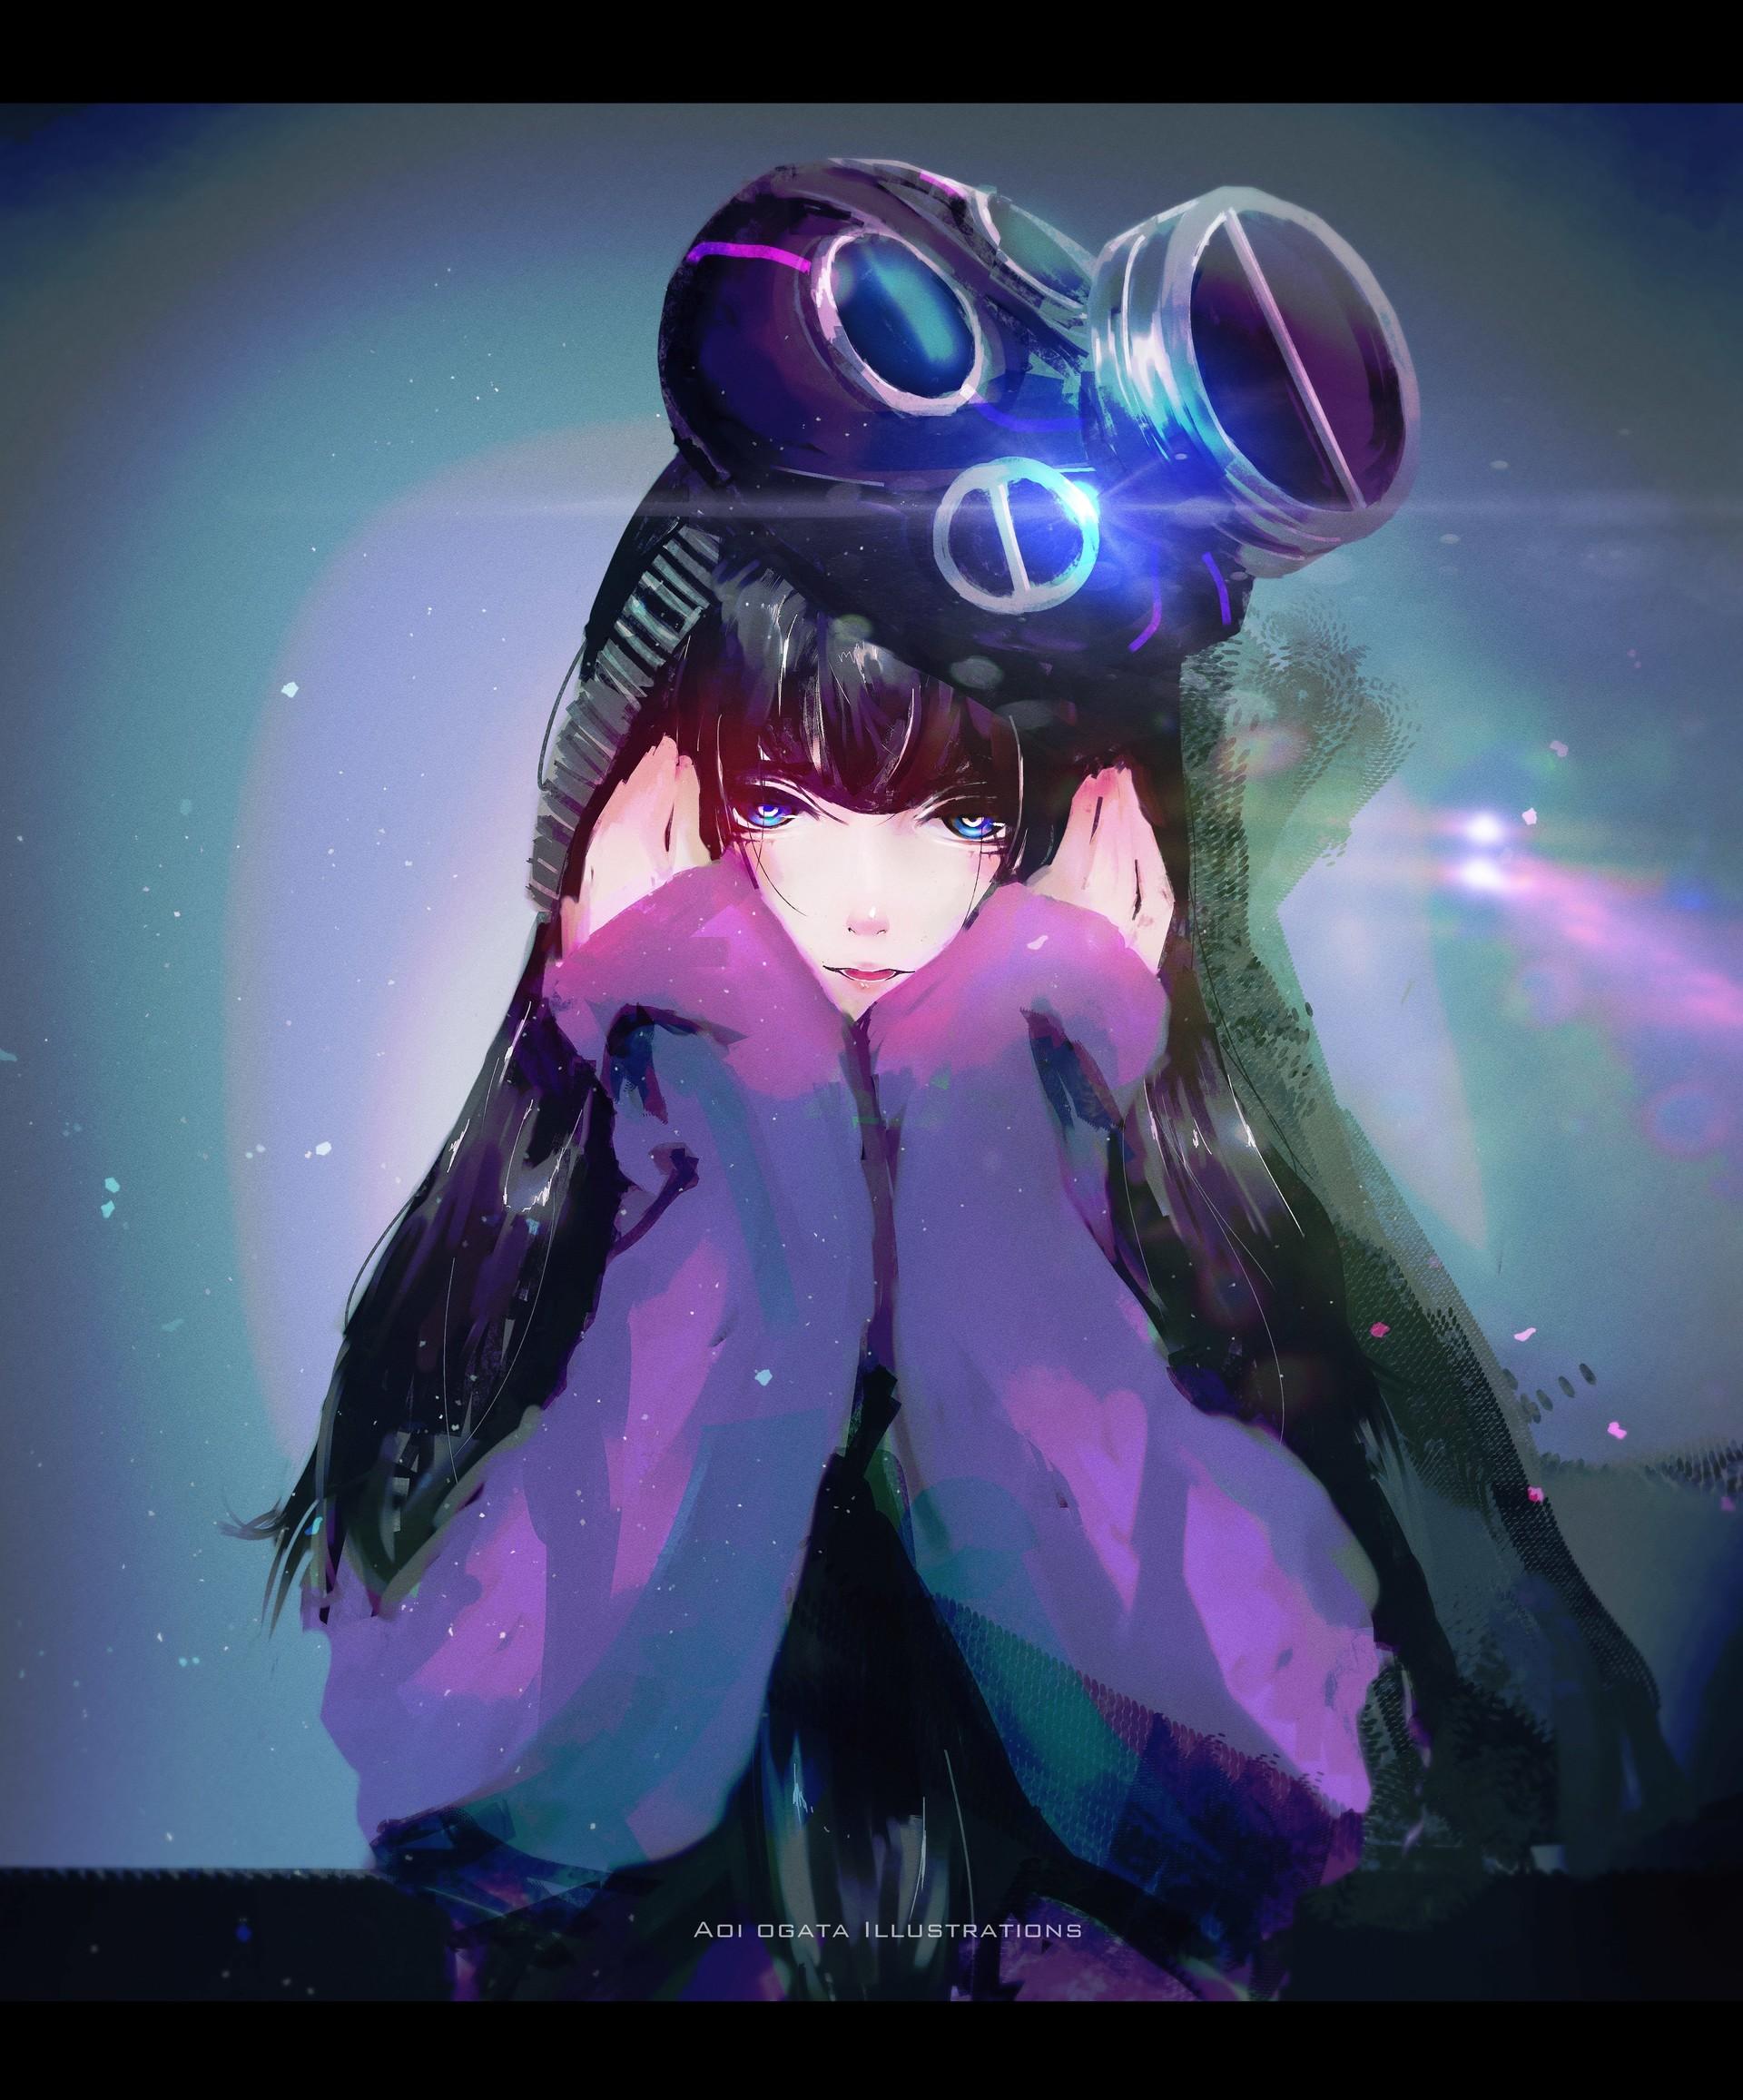 Aoi ogata purple low